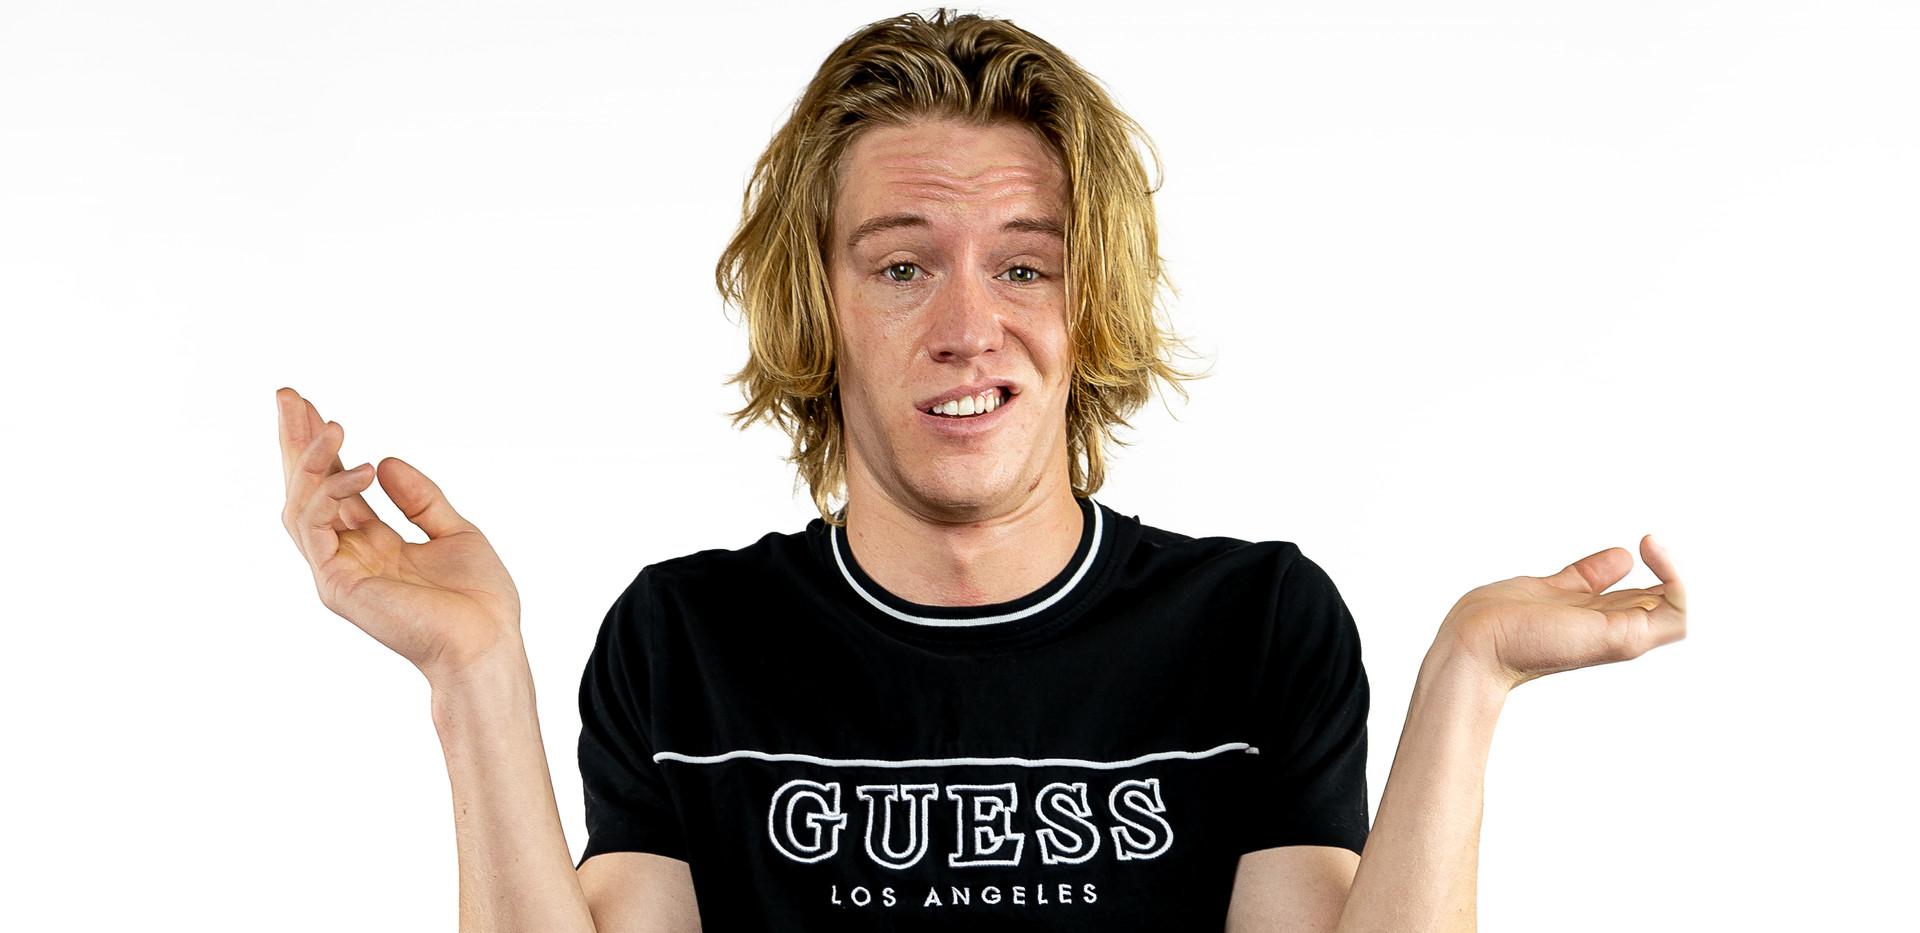 Guess Shirt #1.jpg